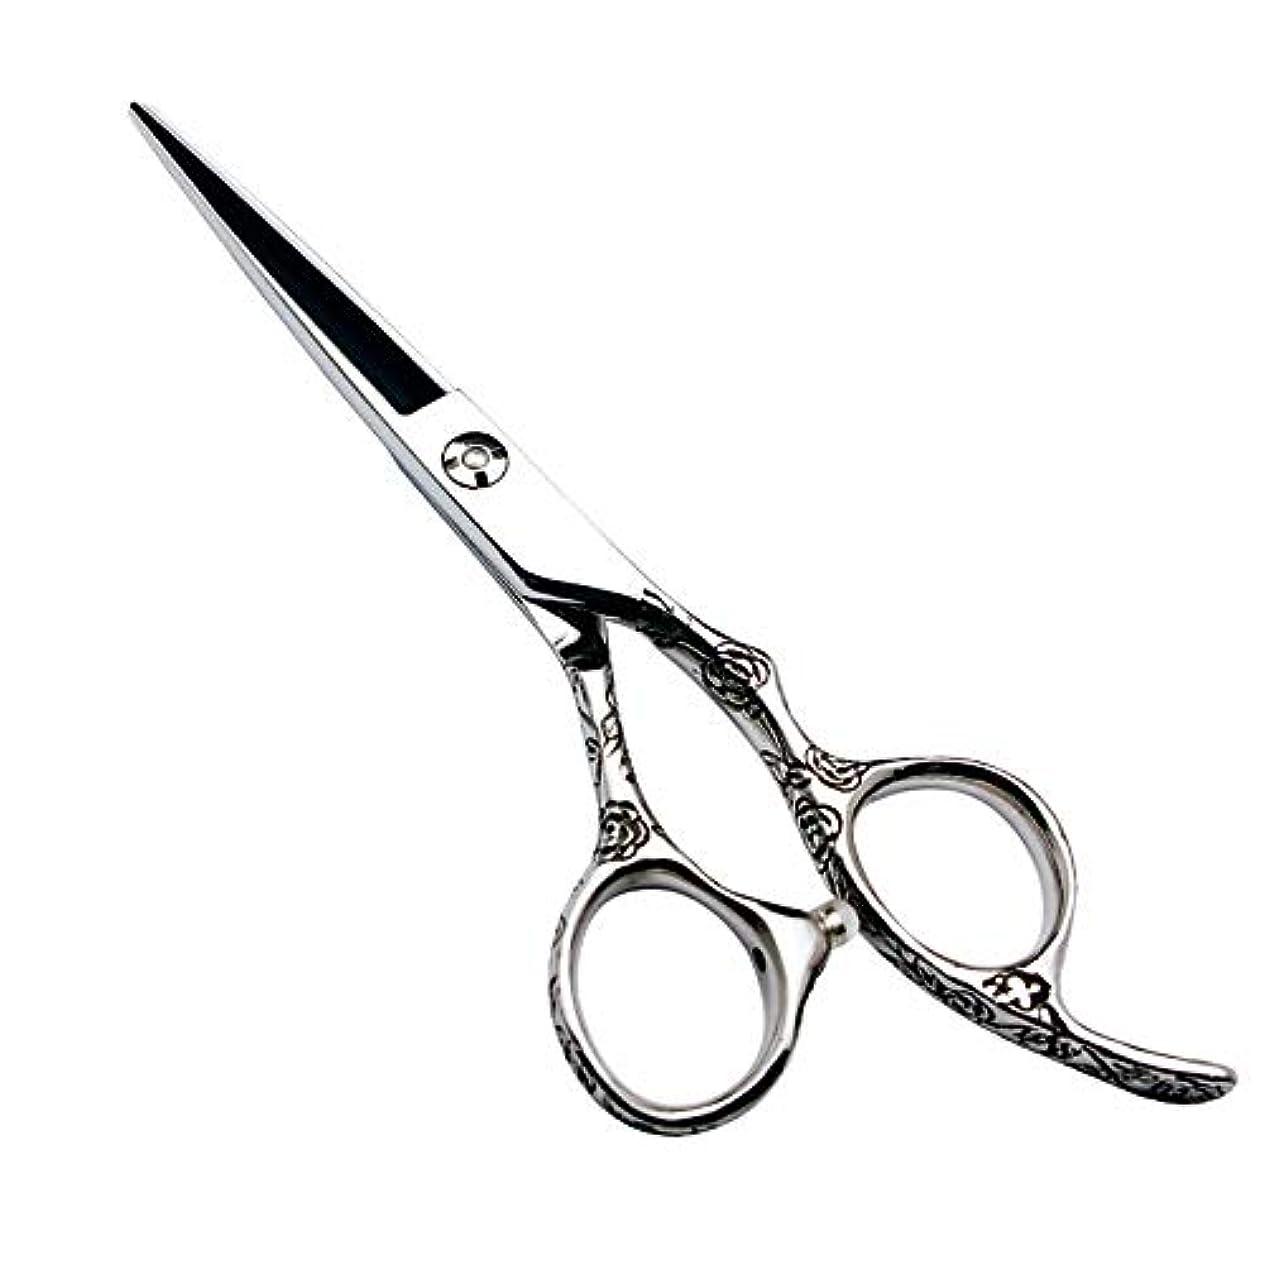 衛星位置づけるリサイクルするGoodsok-jp 6インチの美容院の専門の理髪セットの理髪はさみのローズハンドル440C (色 : Silver)